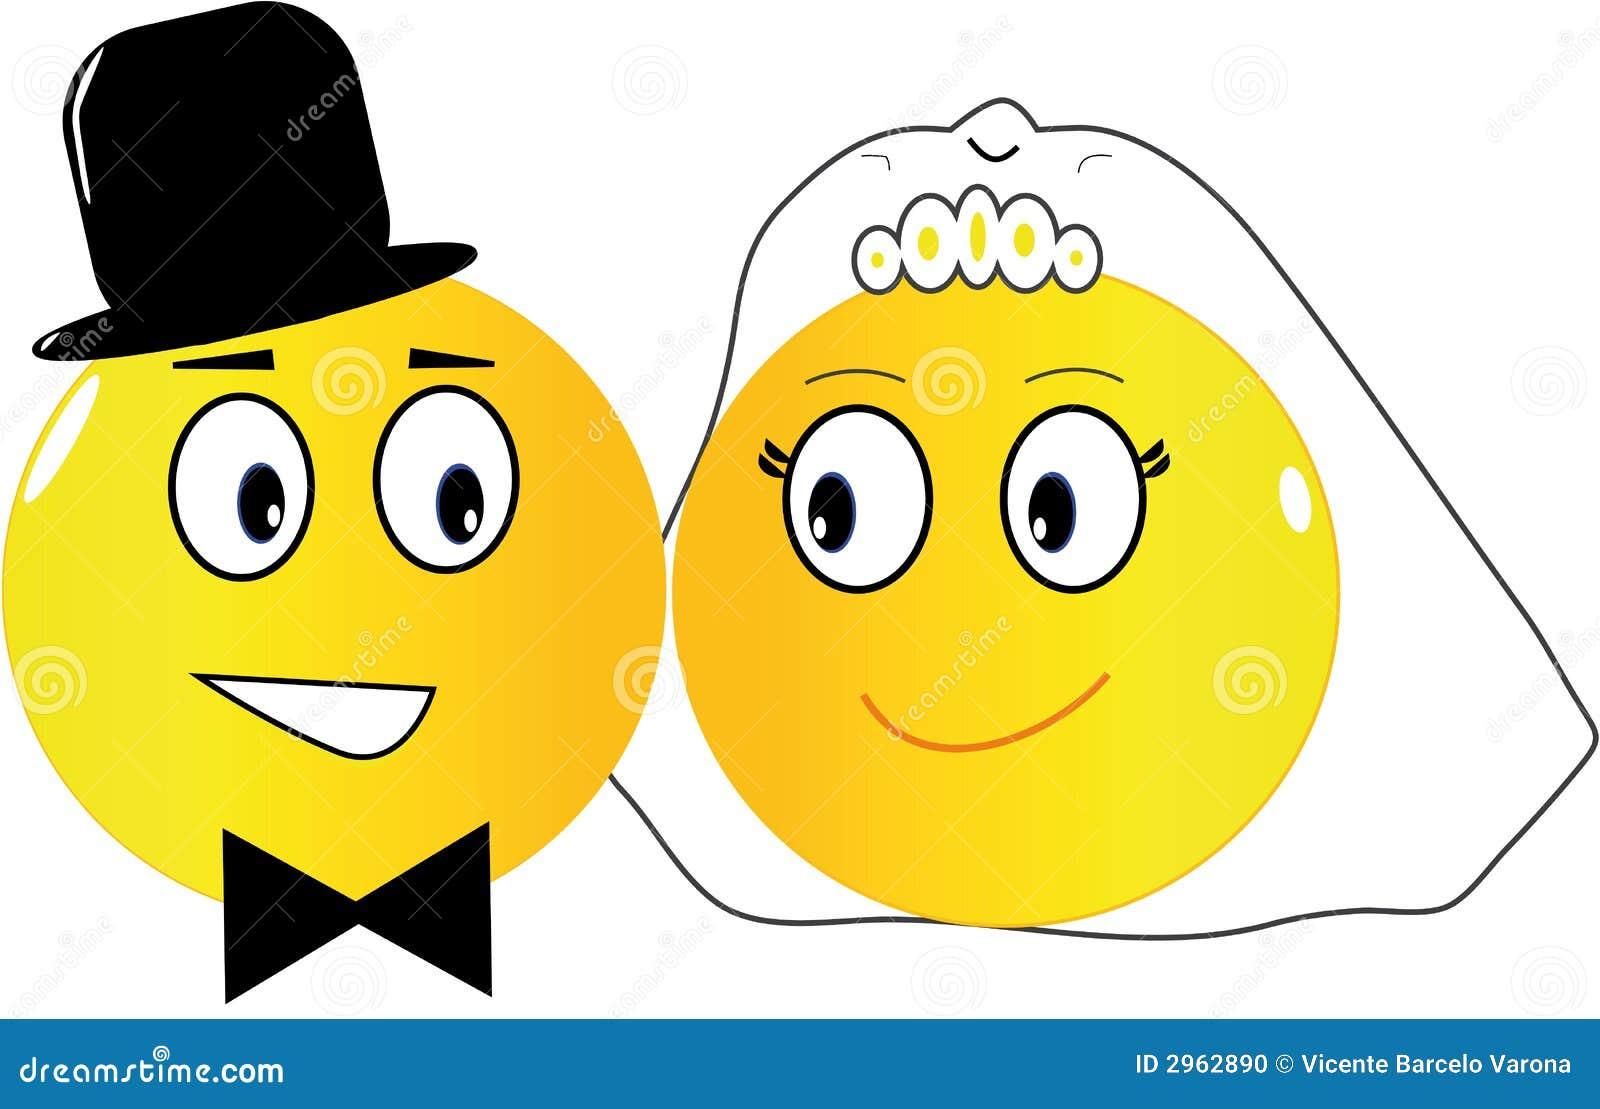 Emoticons Wedding Illyustraciya Vektora Illyustracii Naschityvayushej